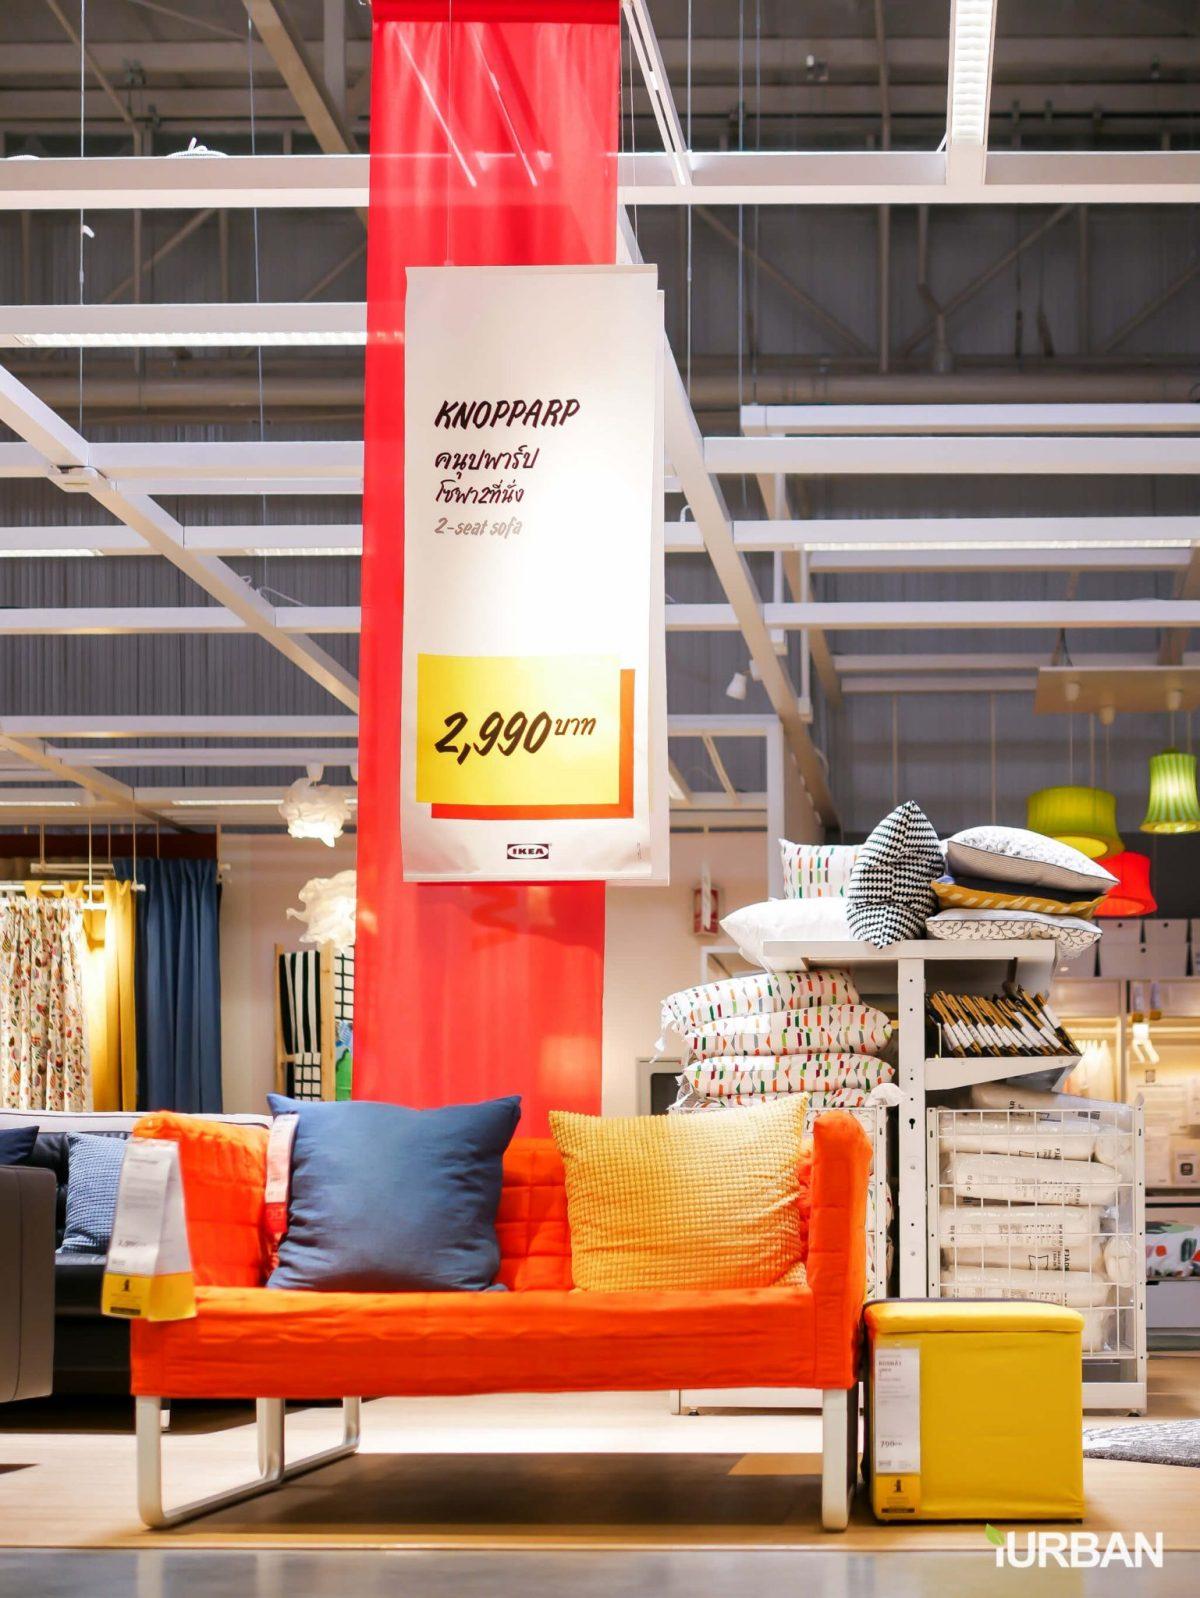 อิเกีย ภูเก็ต โฉมใหม่! ใหญ่กว่าเดิม! เพิ่มของใหม่หลายพันรายการ 25 - IKEA (อิเกีย)